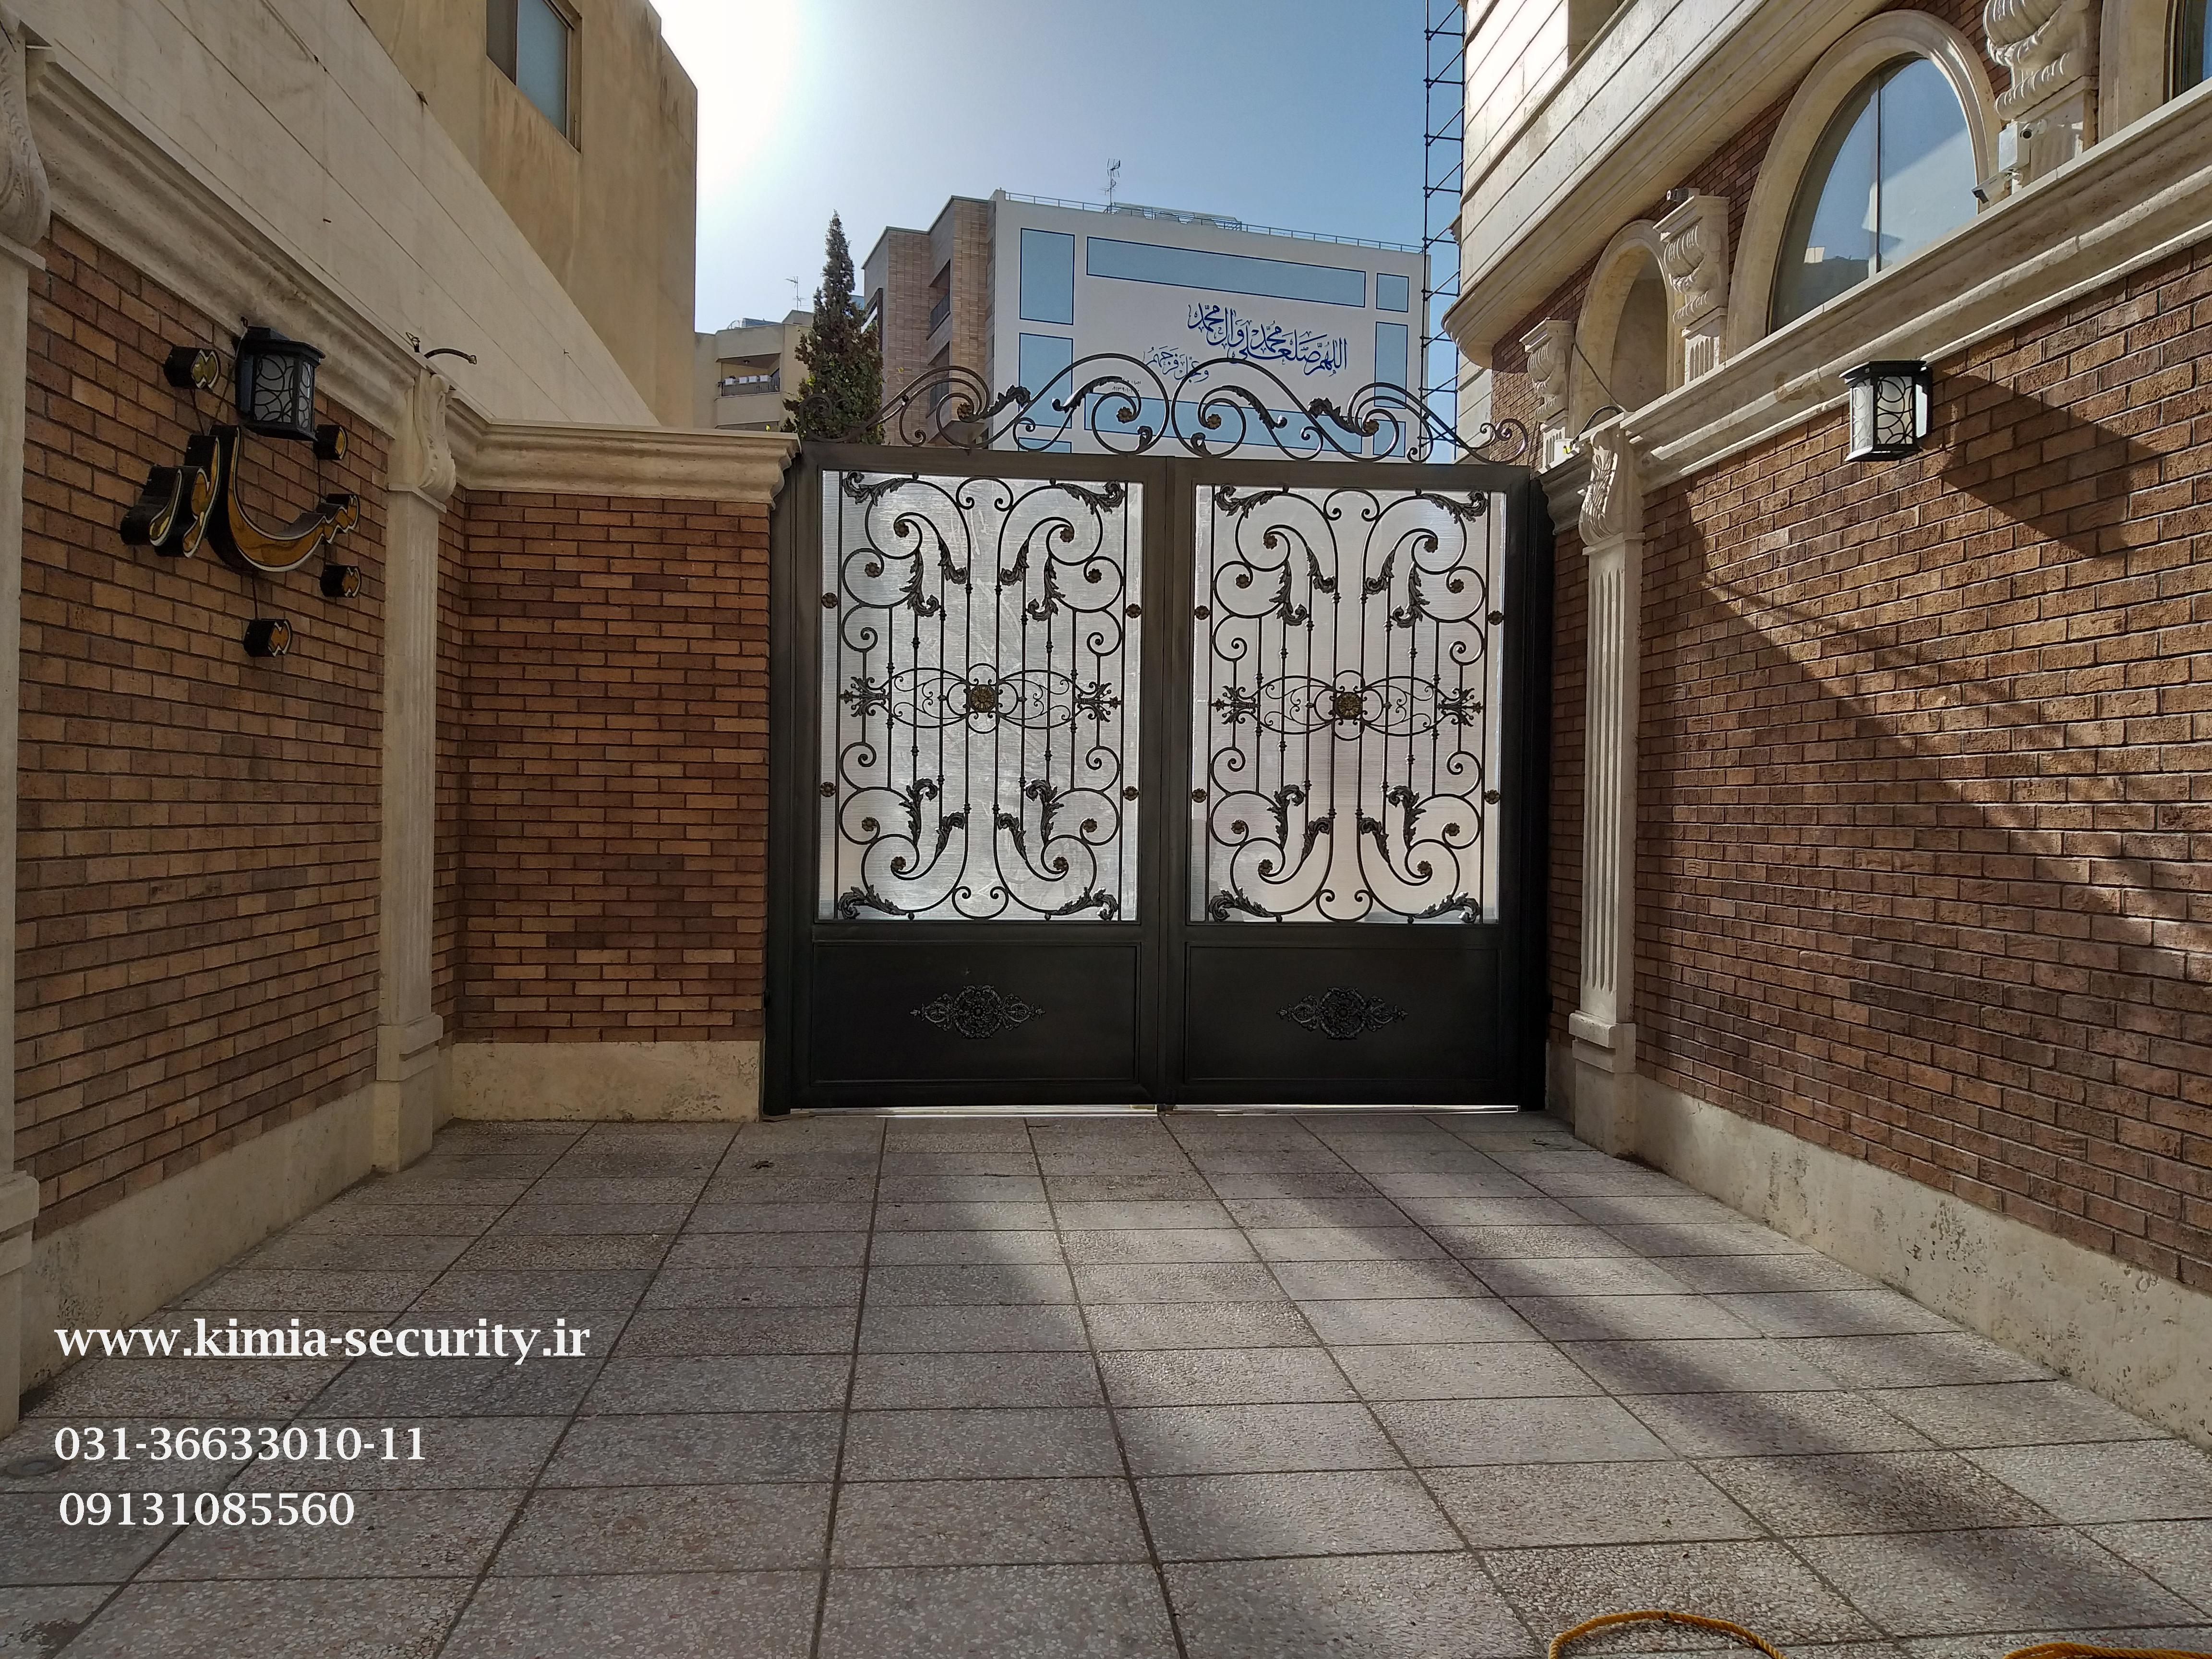 درب اتوماتیک بازوئی در اصفهان